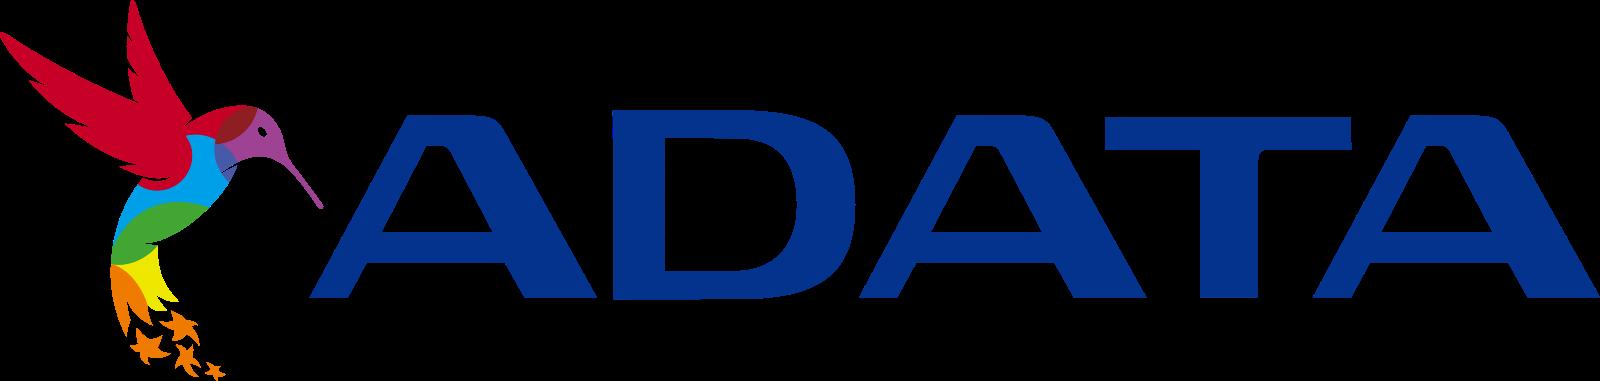 adata logo 4 - ADATA Logo